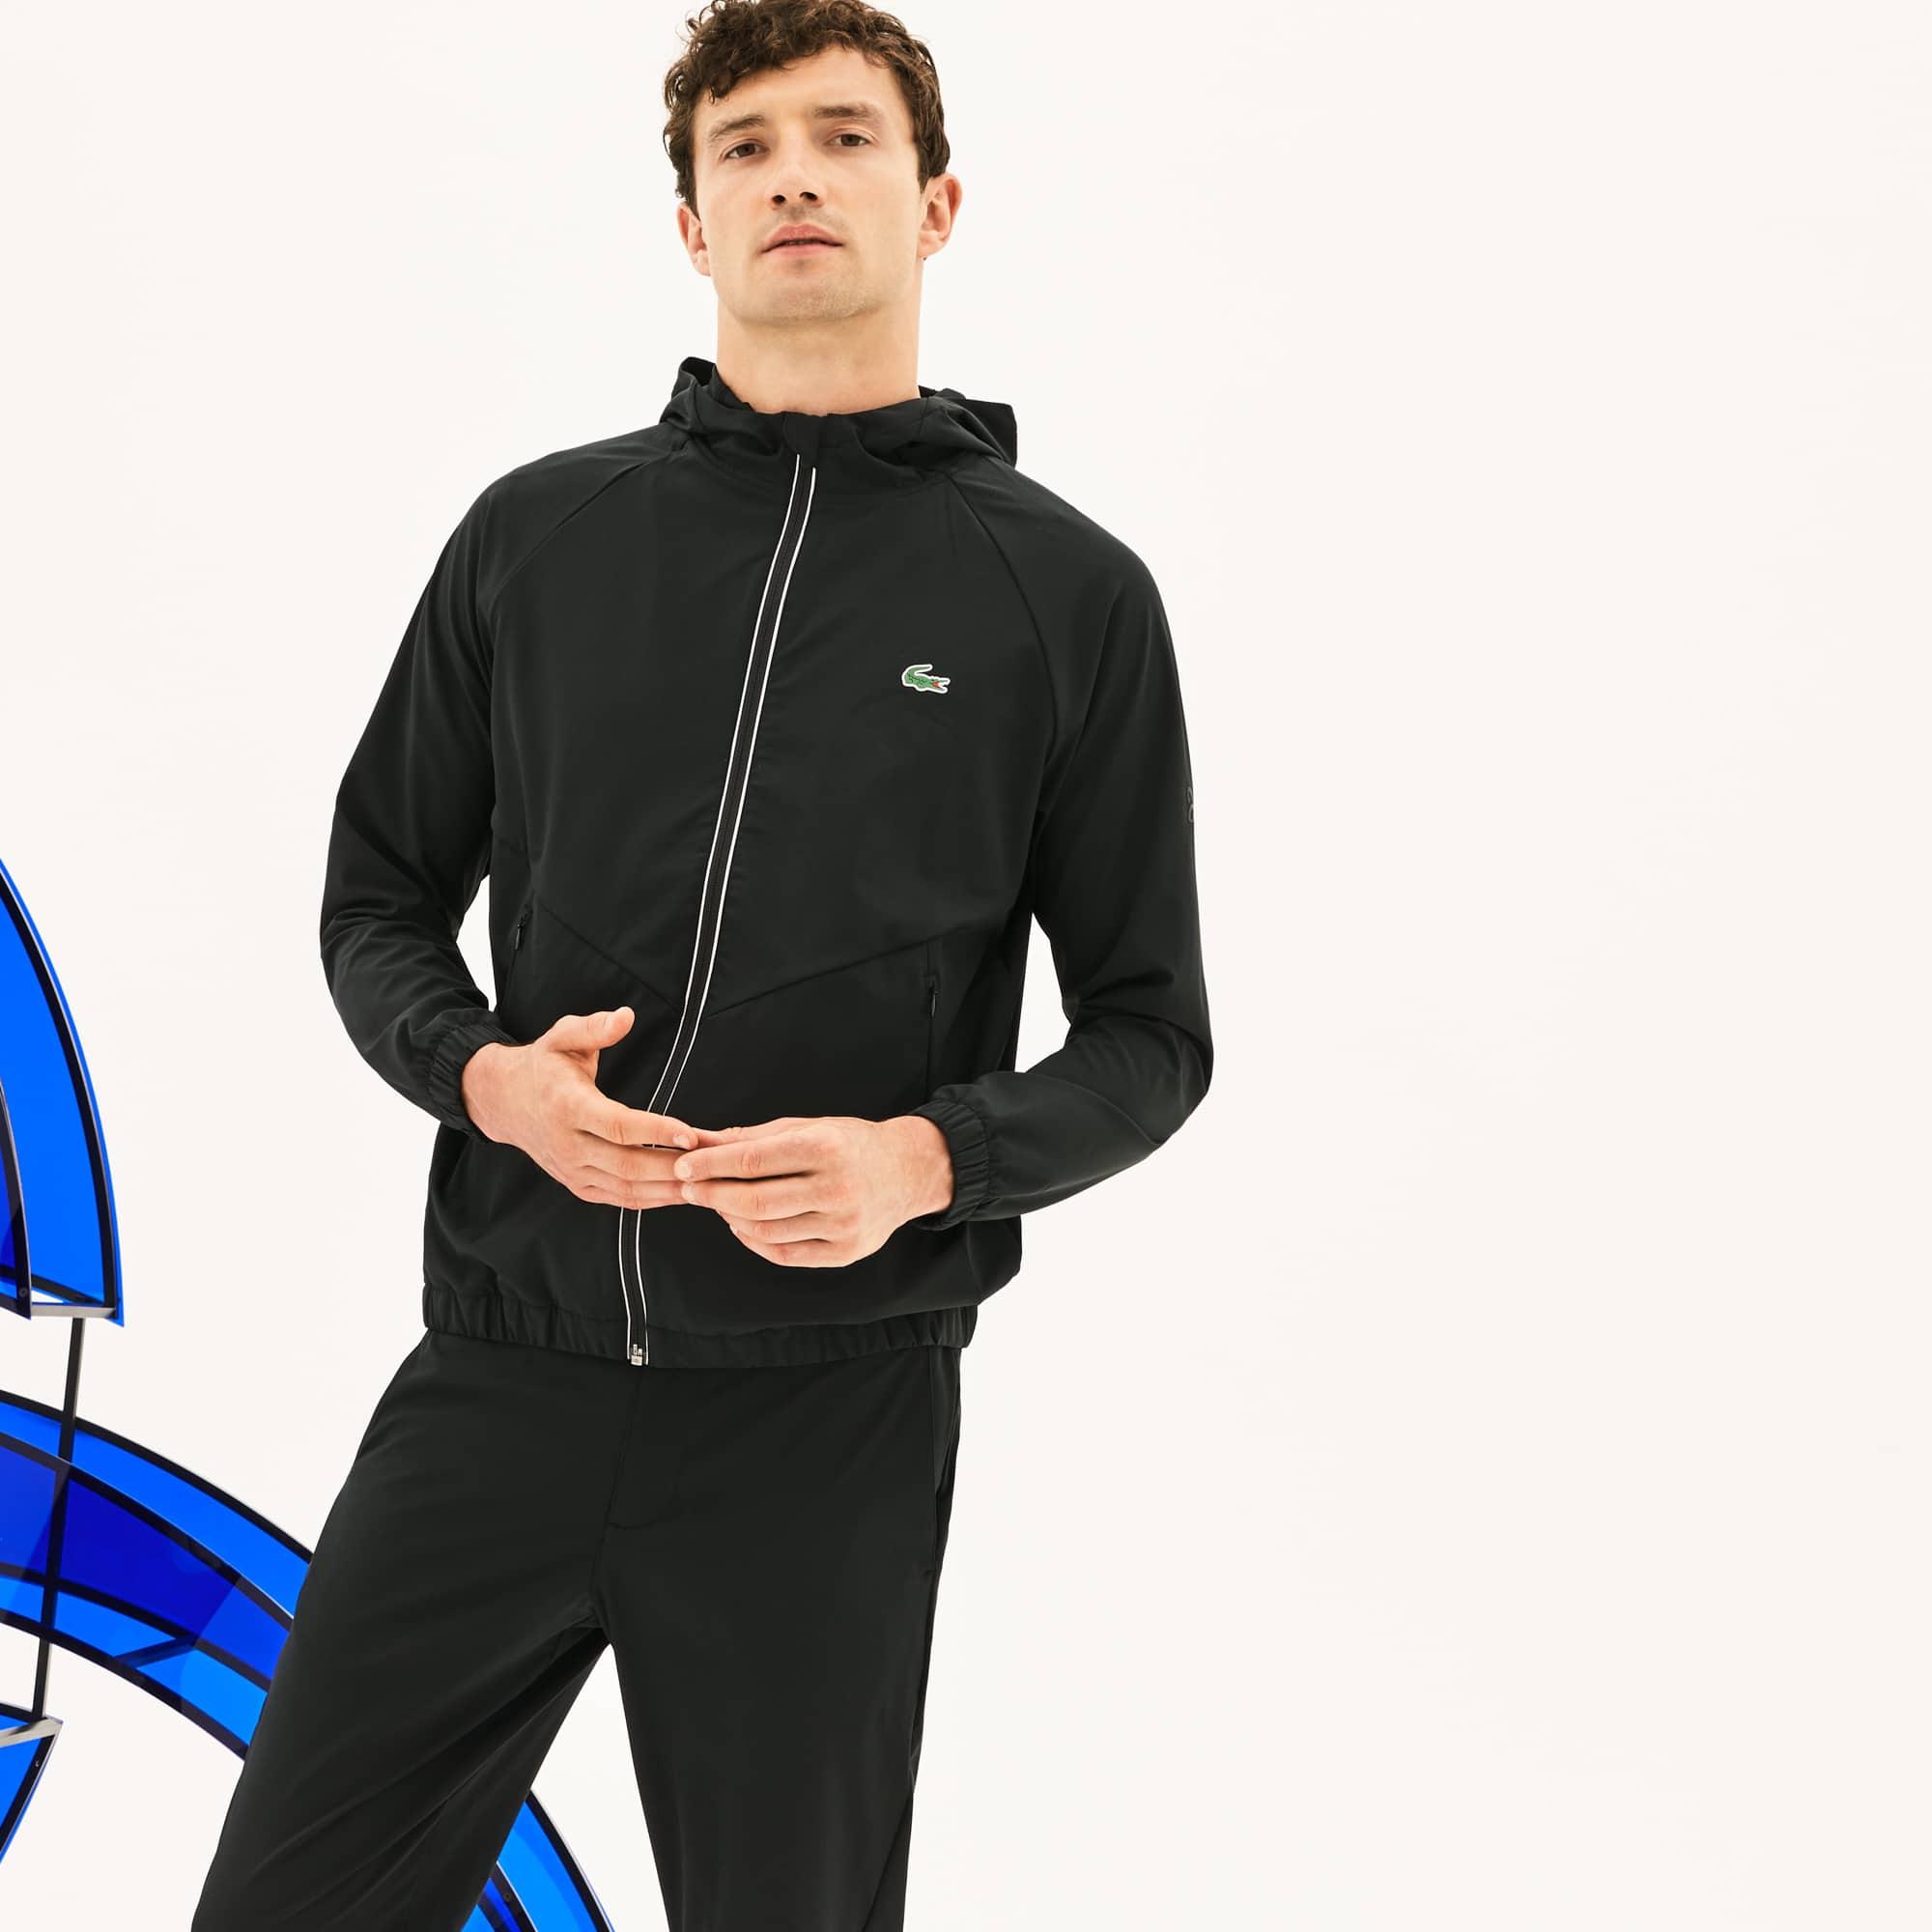 Casaco com capuz Lacoste SPORT , coleção Novak Djokovic - Off Court de alta qualidade em camada intermédia técnica stretch